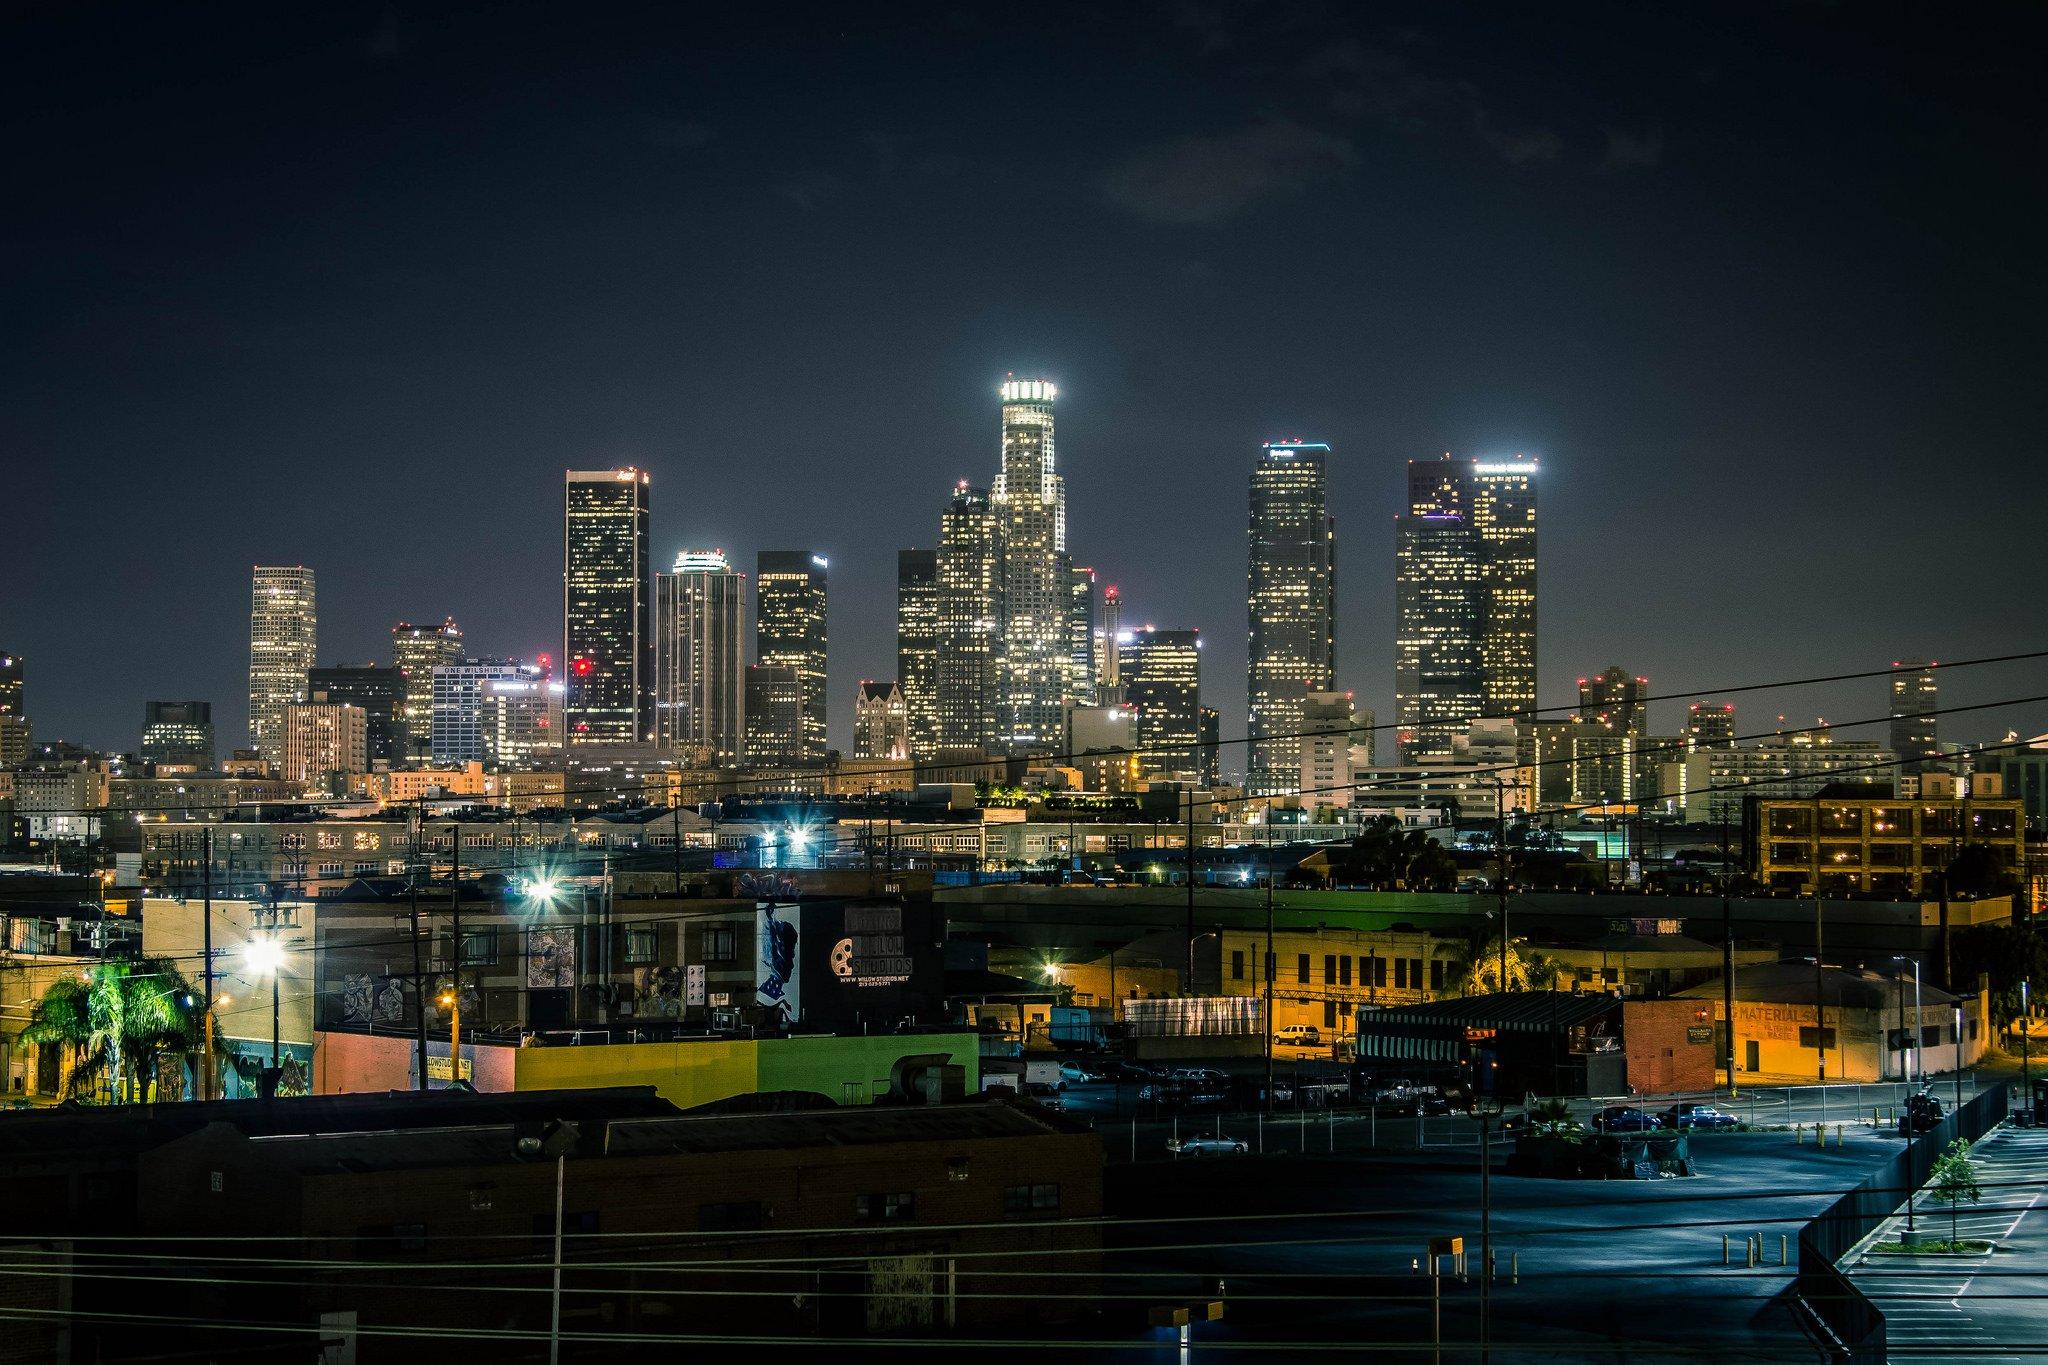 Popular Wallpaper Night Los Angeles - 06510537207145db5ed43688734f8df4  Trends-993459.jpg